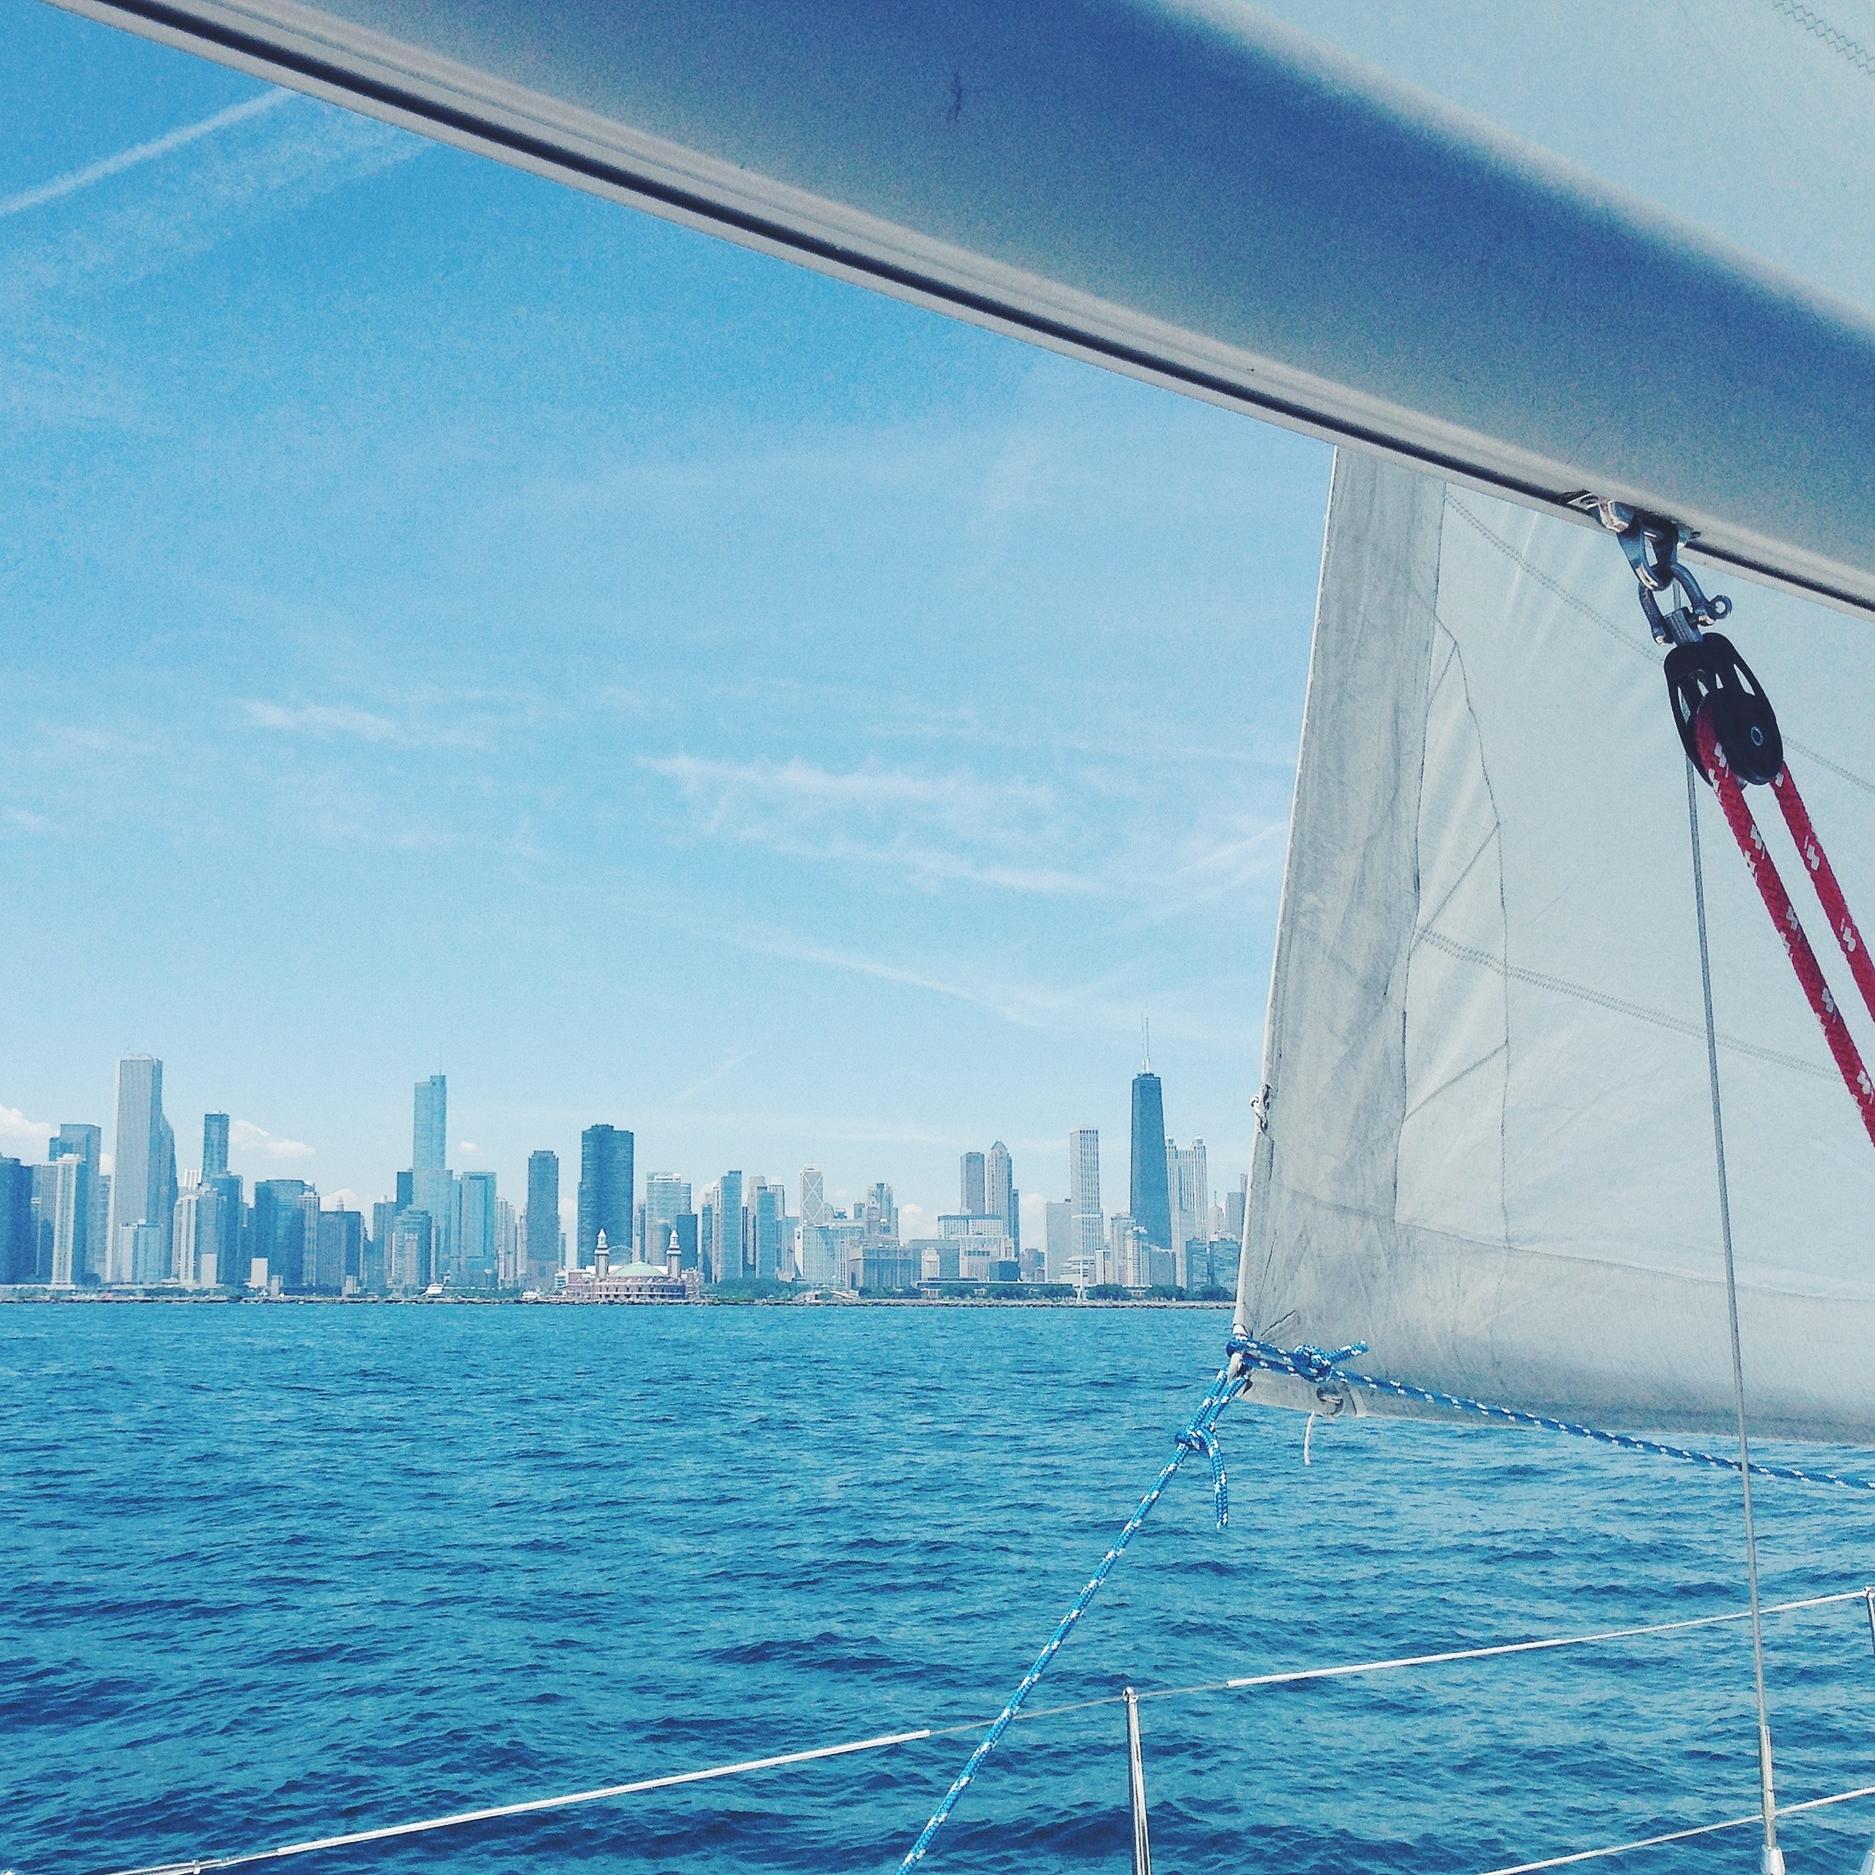 LAKE MICHIGAN | CHICAGO, IL.